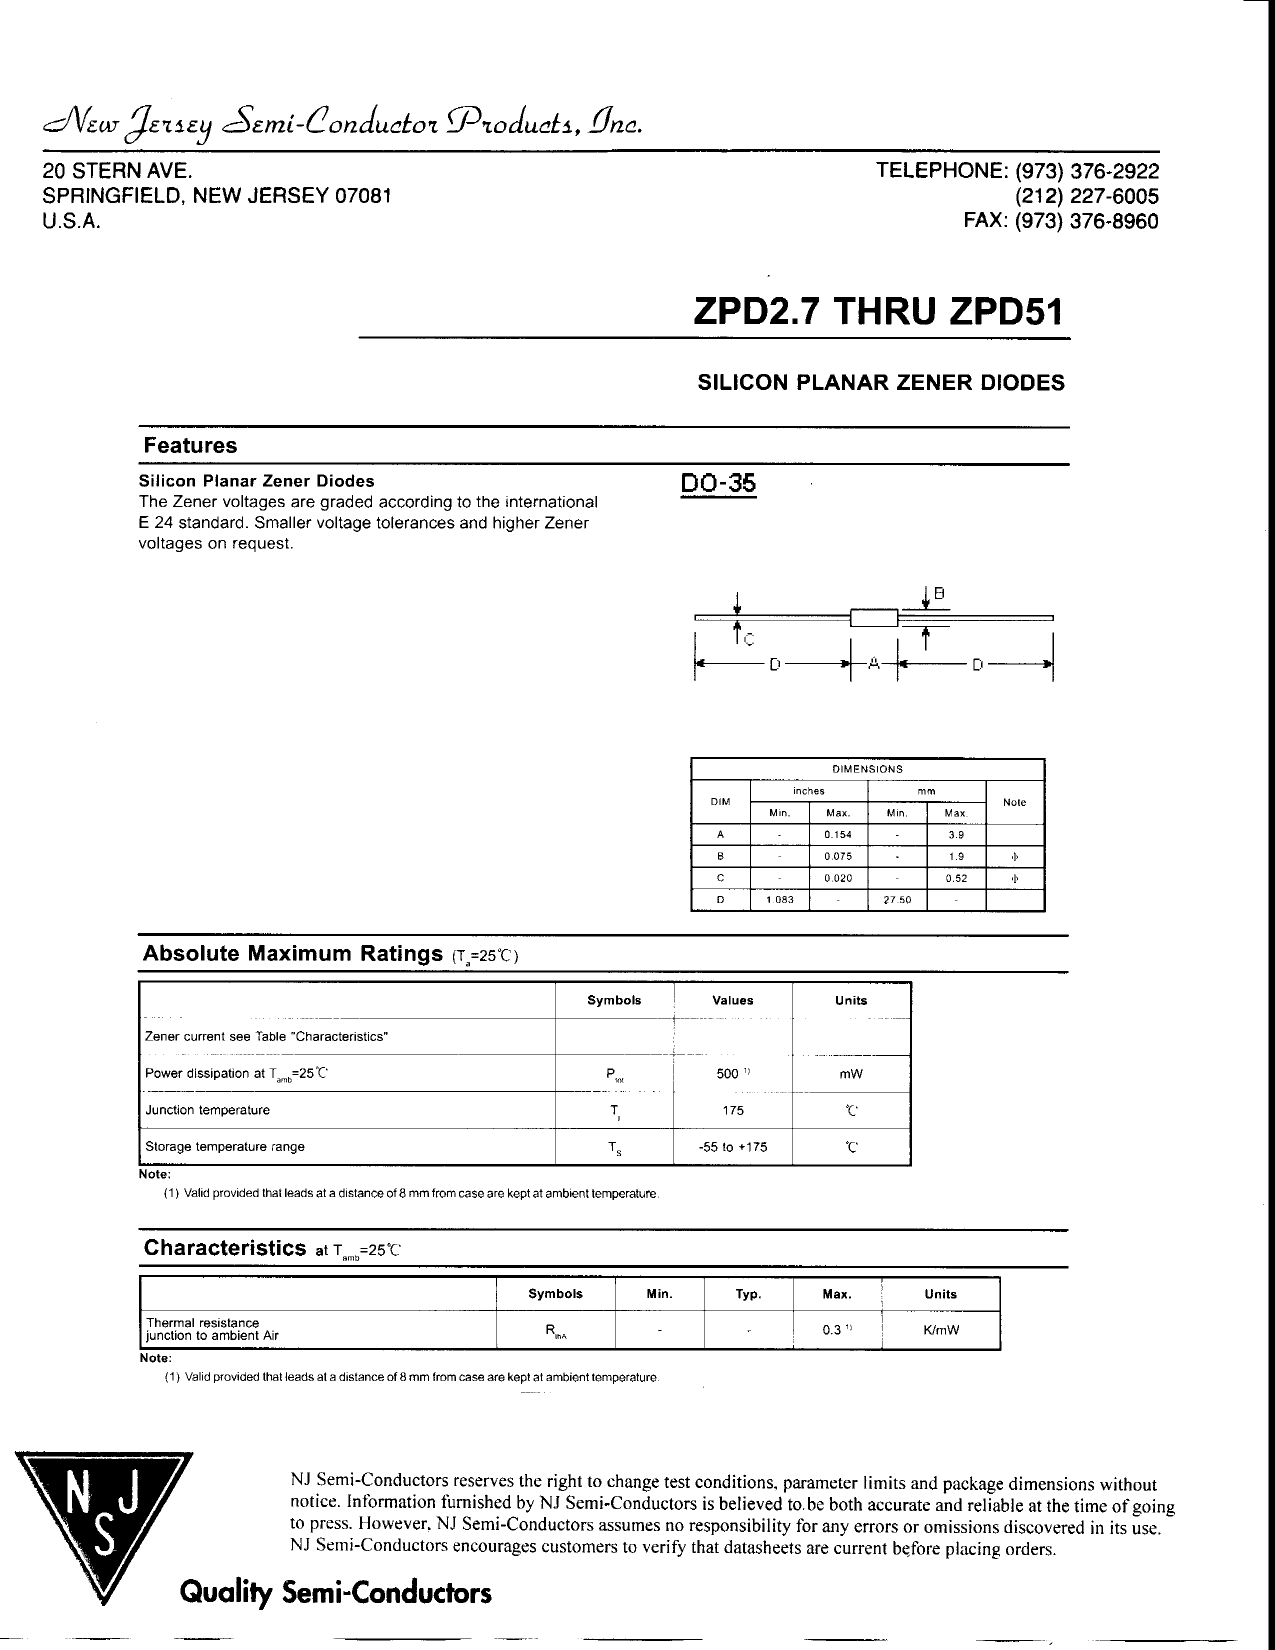 ZPD39 Даташит, Описание, Даташиты